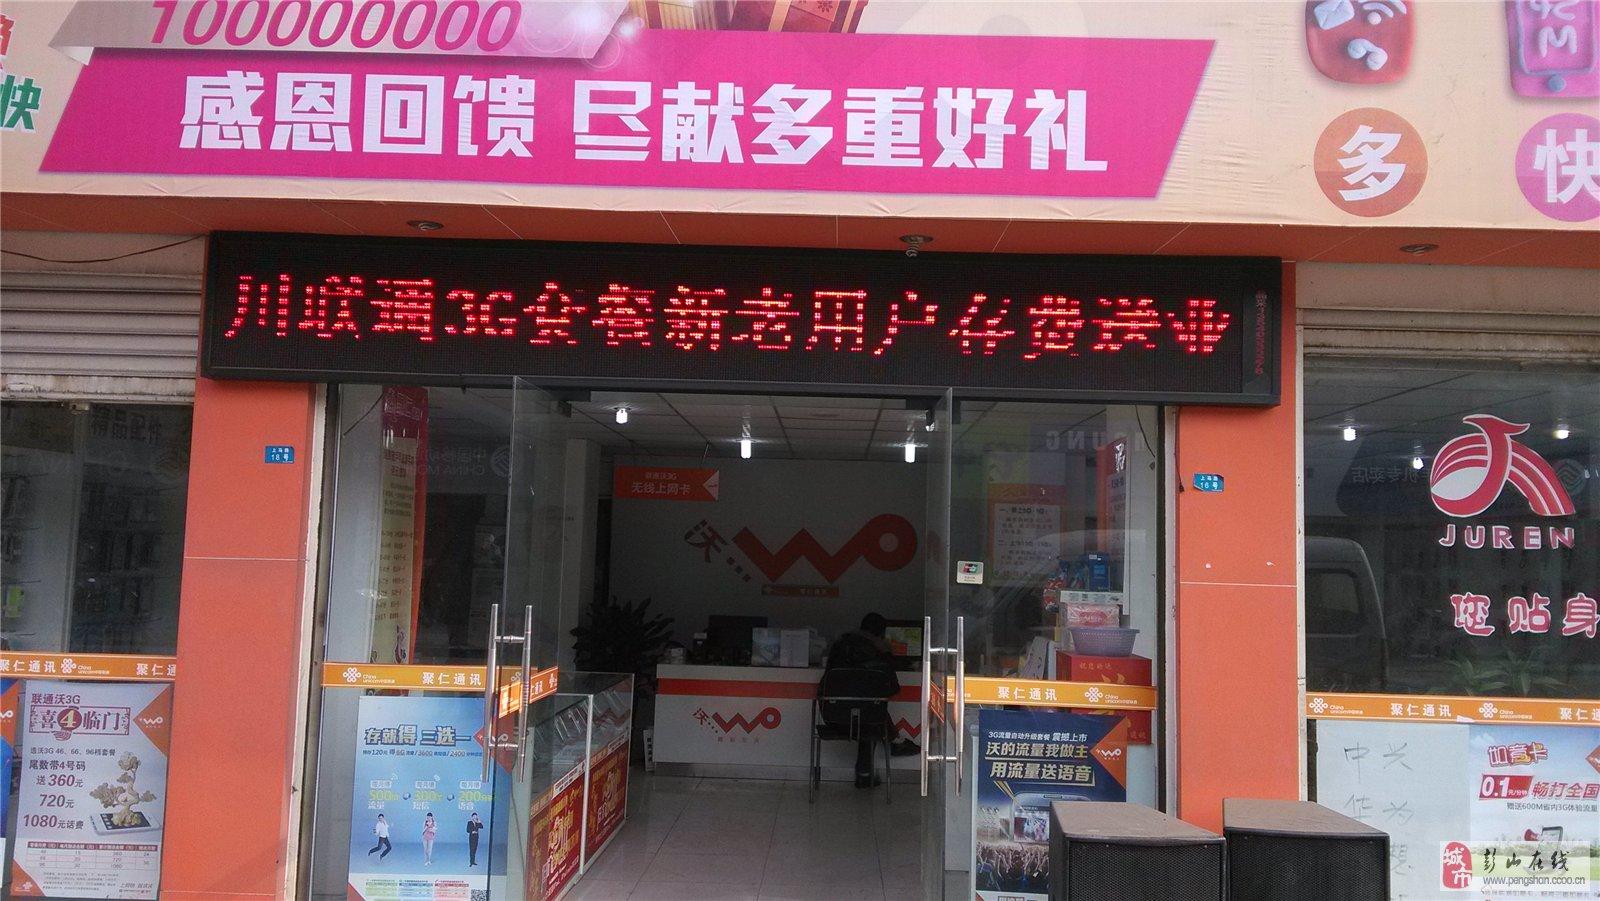 温江哪里有大点的联通营业厅?求准确的地址!谢谢